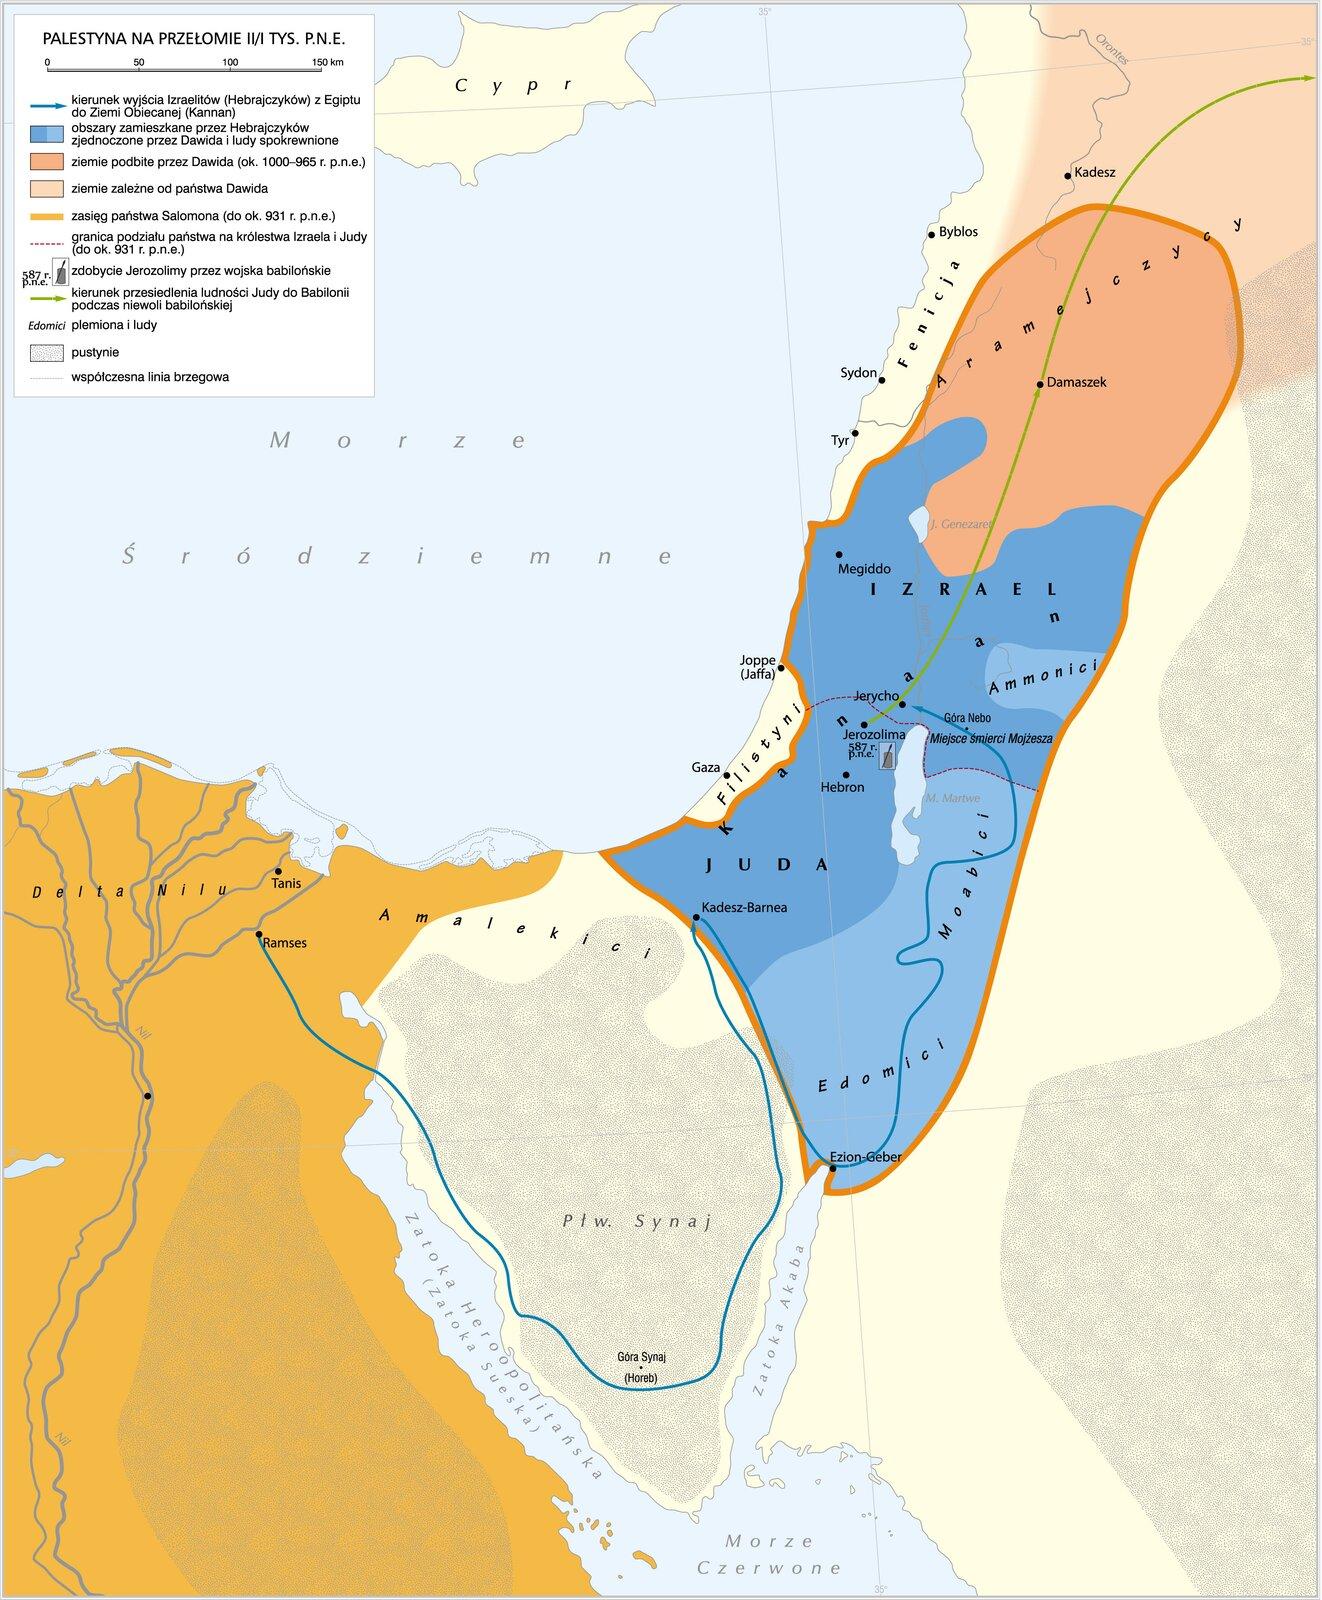 Palestyna na przełomie II/I tysiąclecia p.n.e. Palestyna na przełomie II/I tysiąclecia p.n.e. Źródło: Krystian Chariza izespół, licencja: CC BY 3.0.